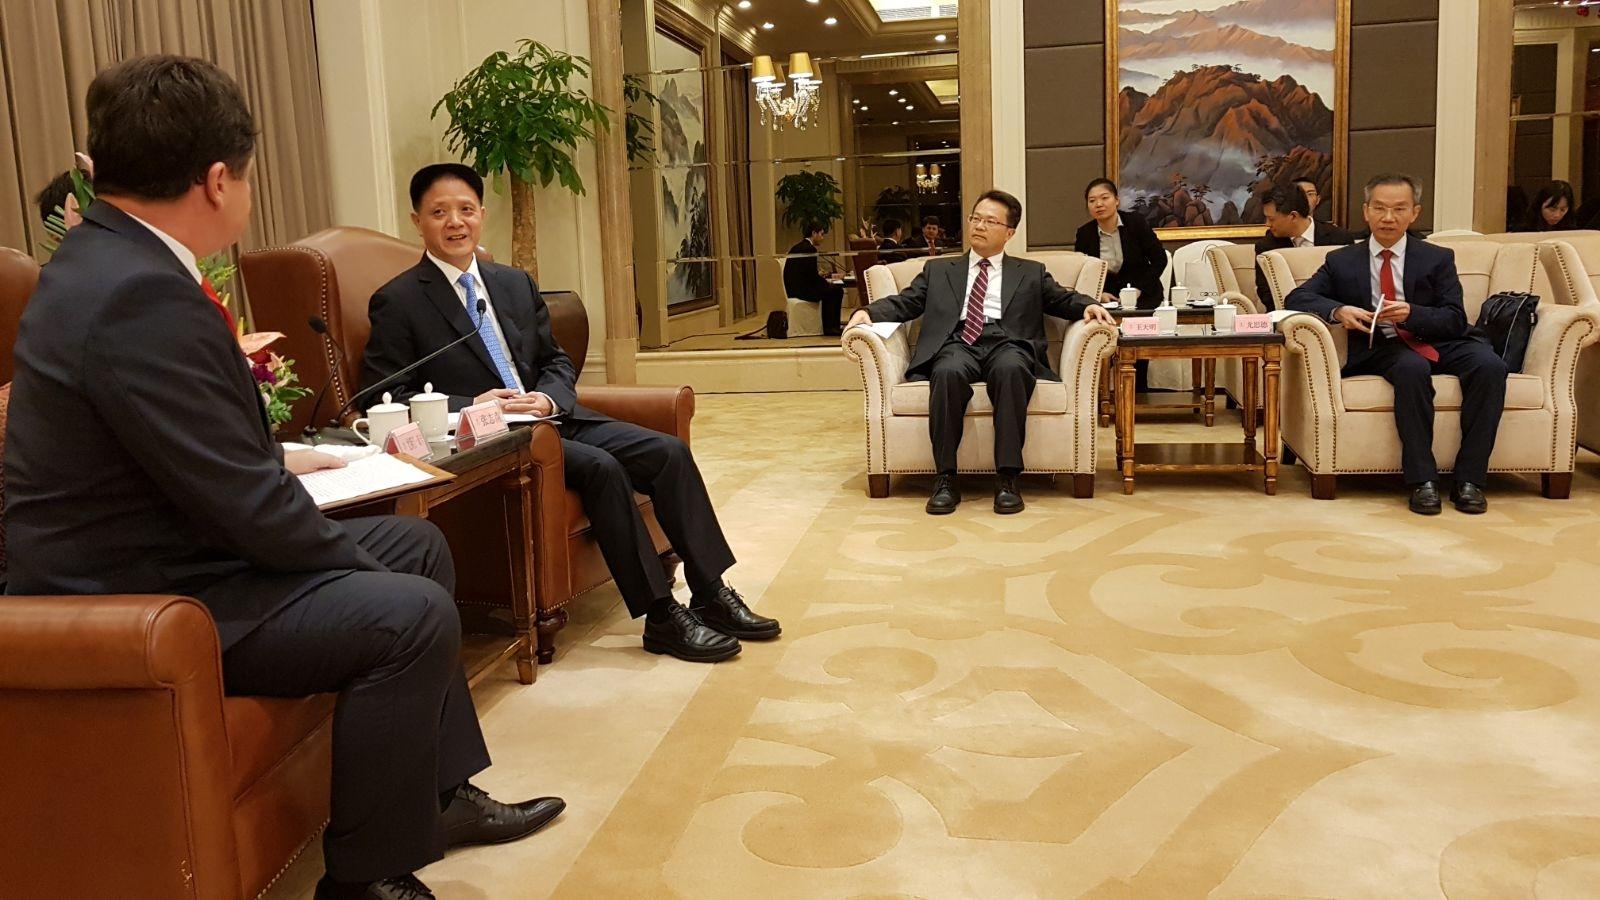 Iustin Cionca, preşedintele Consiliului Judeţean, a invitat o echipă de medici chinezi într-un stagiu profesional la Arad!